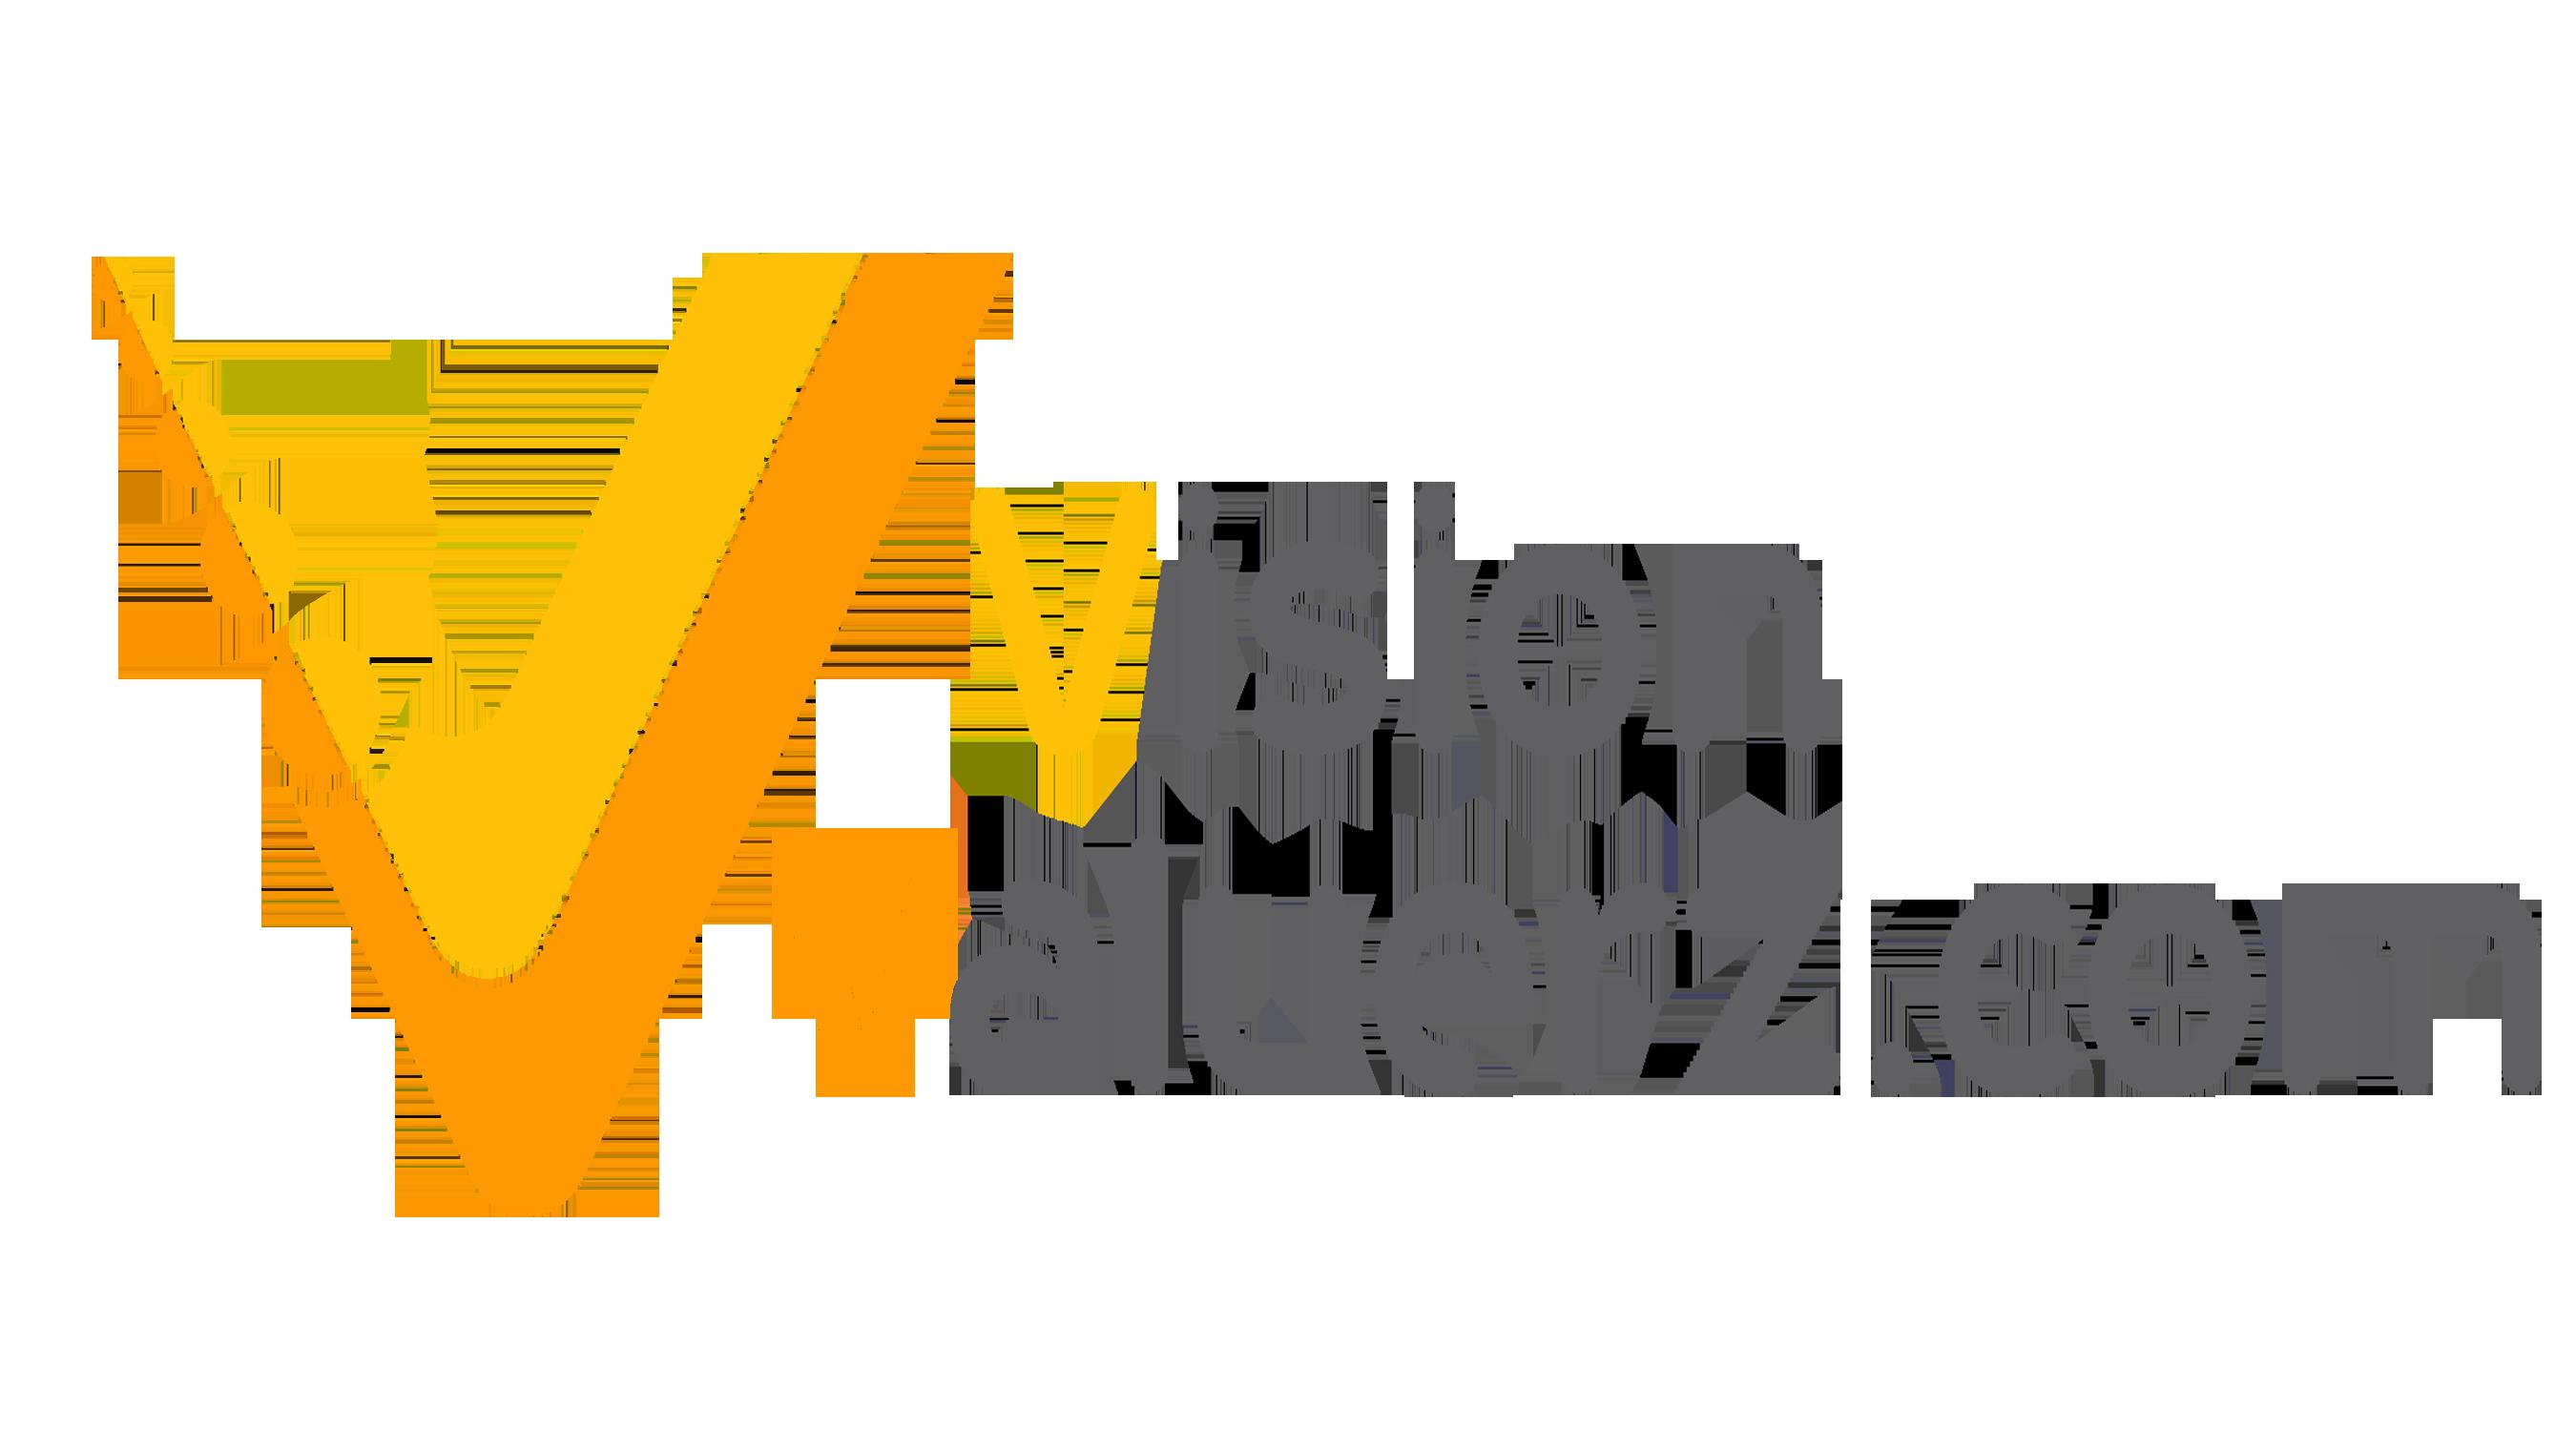 visionvaluerz